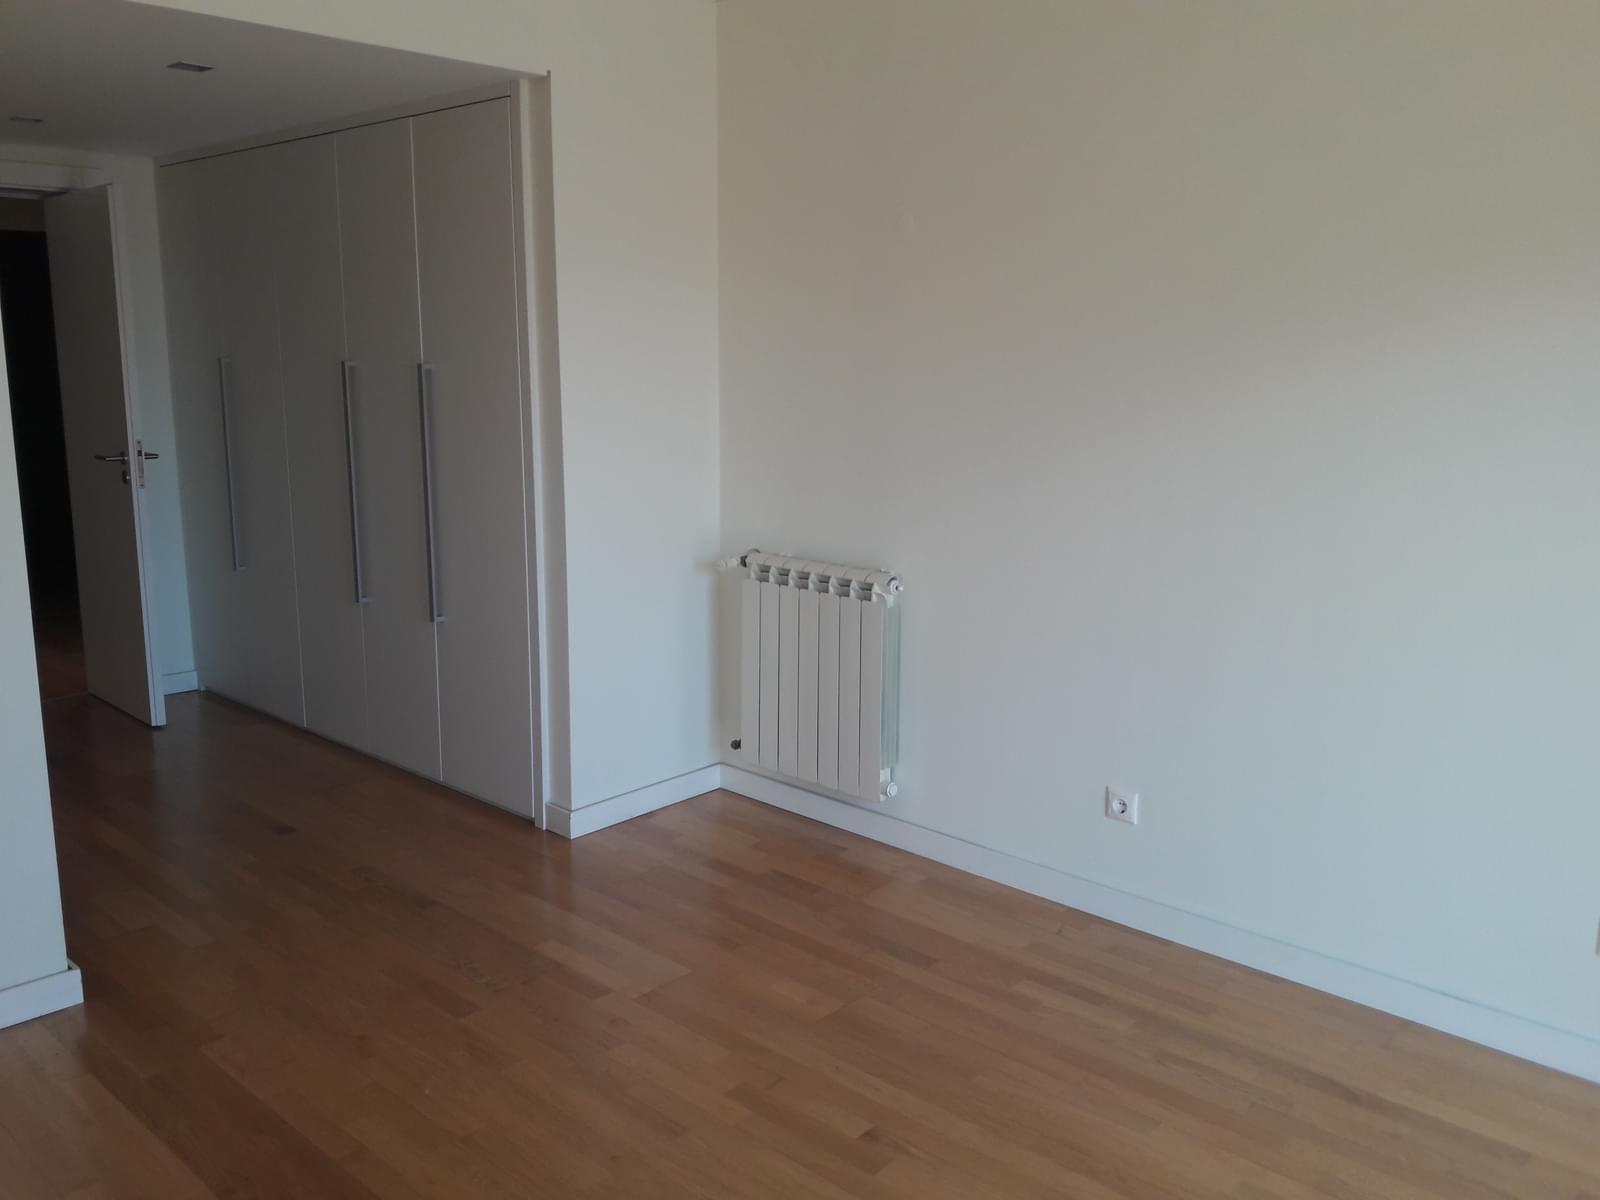 pf18143-apartamento-t3-cascais-130b2bda-c24e-4029-9207-a513aca4d1e4